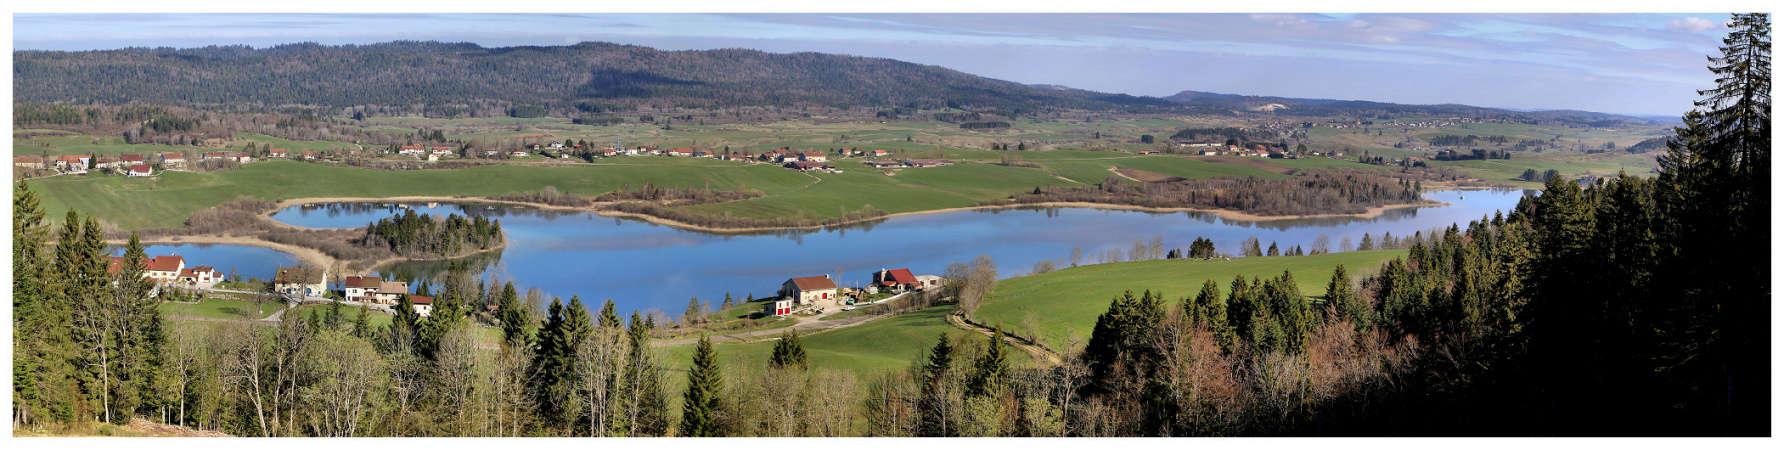 Lac de l'abbaye en grandvaux Panoab11